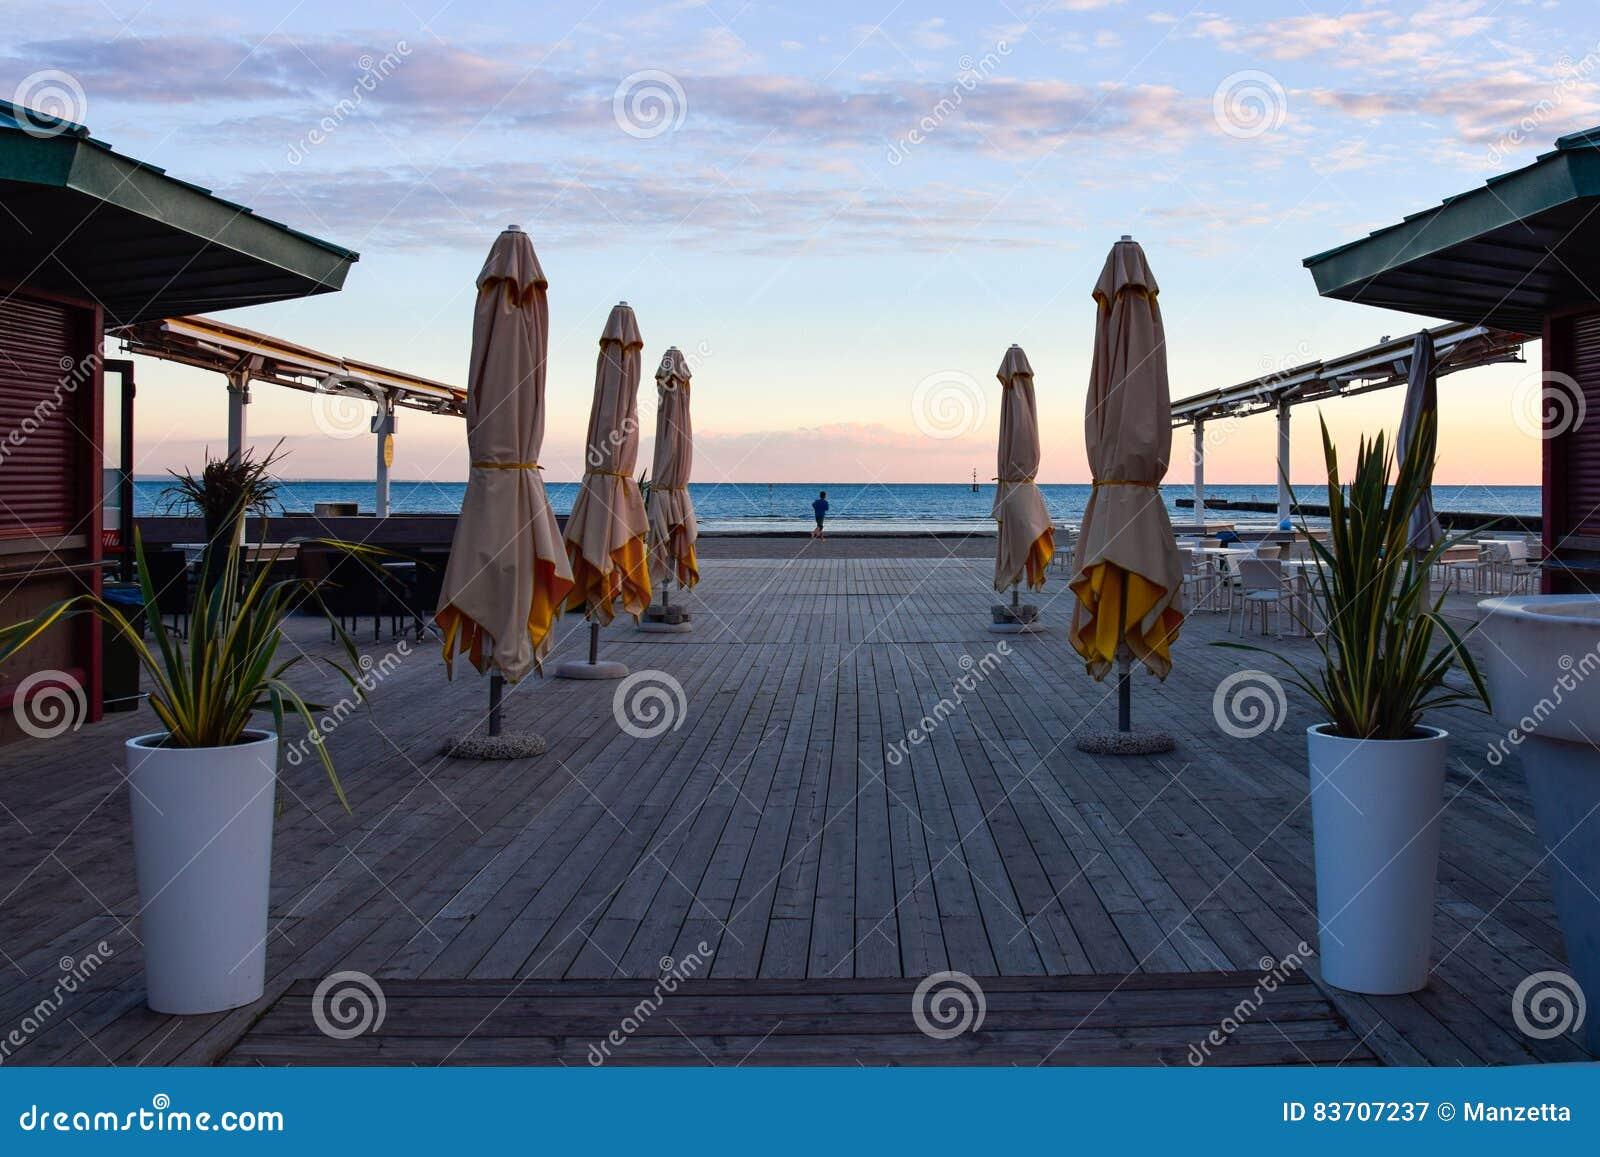 Cafe Exterieur De Terrasse Sur La Plage Vide D En En Hiver Image